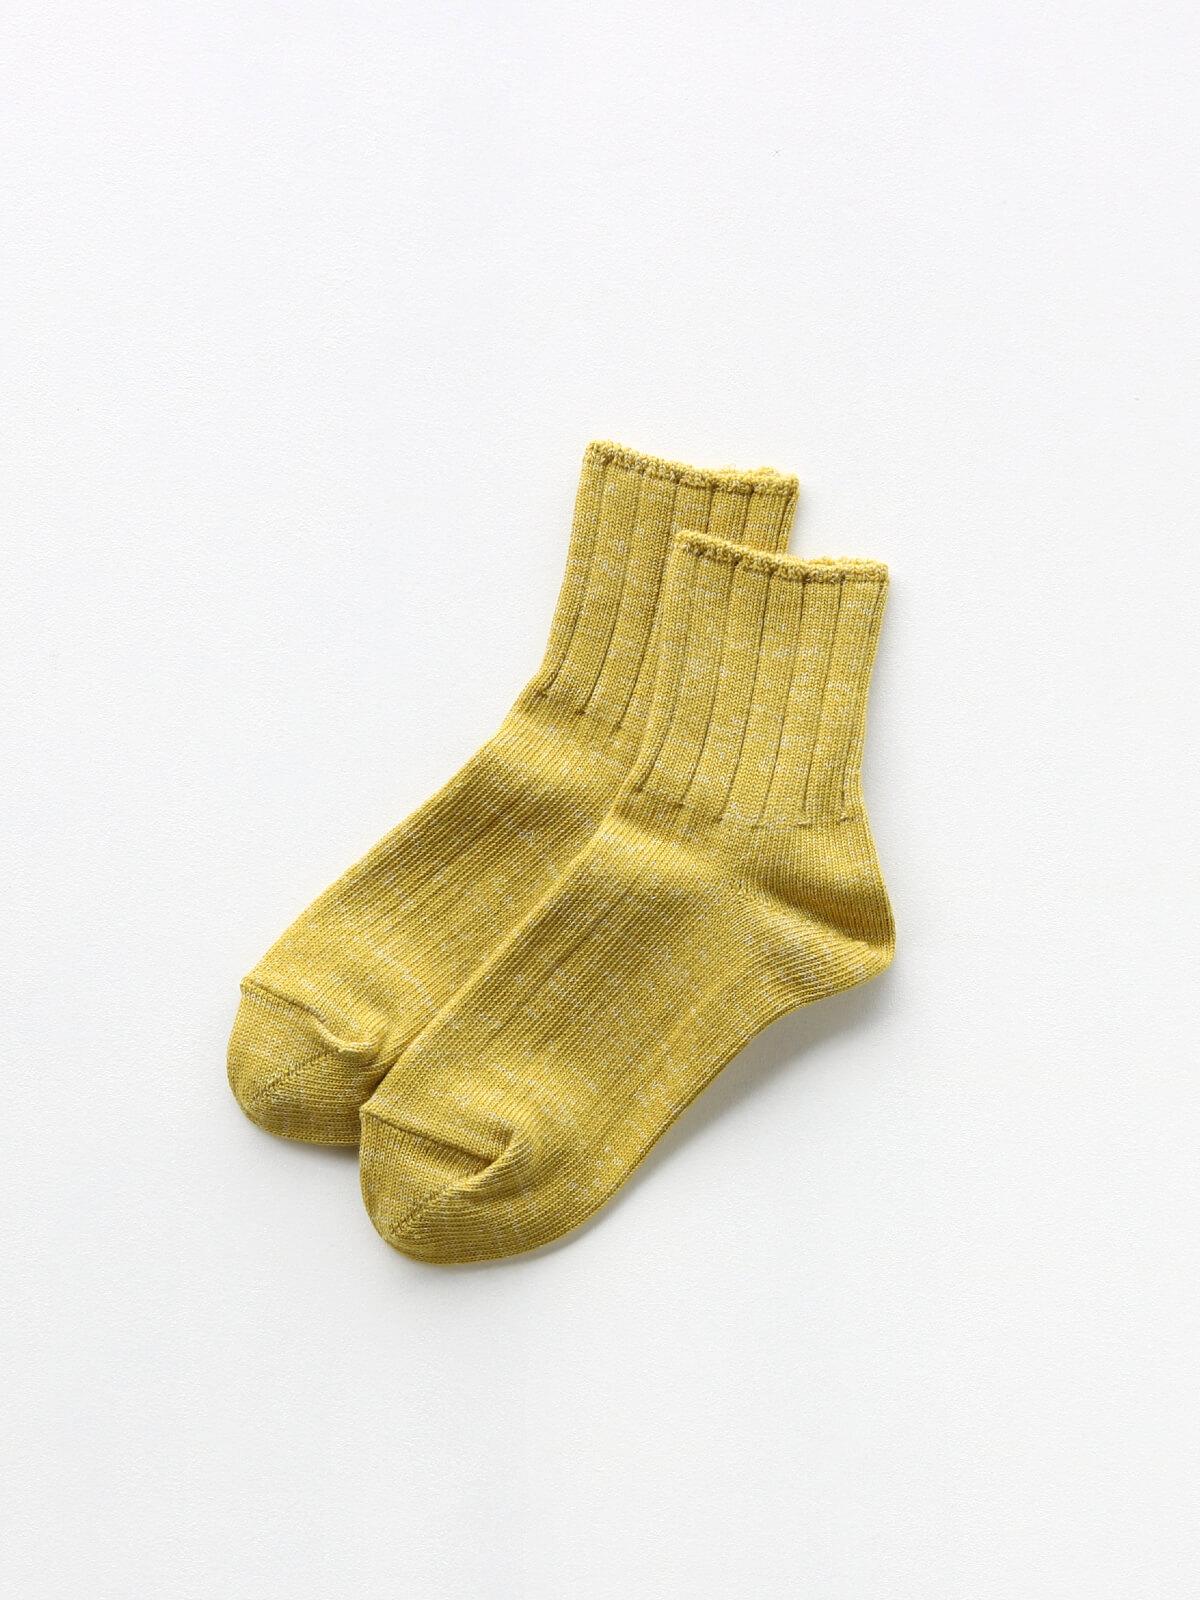 当たりつきギフト専用靴下のLUCKY SOCKS(ラッキーソックス)のSmooth Ankle Socks(スムースアンクルソックス)のライムイエロー_2